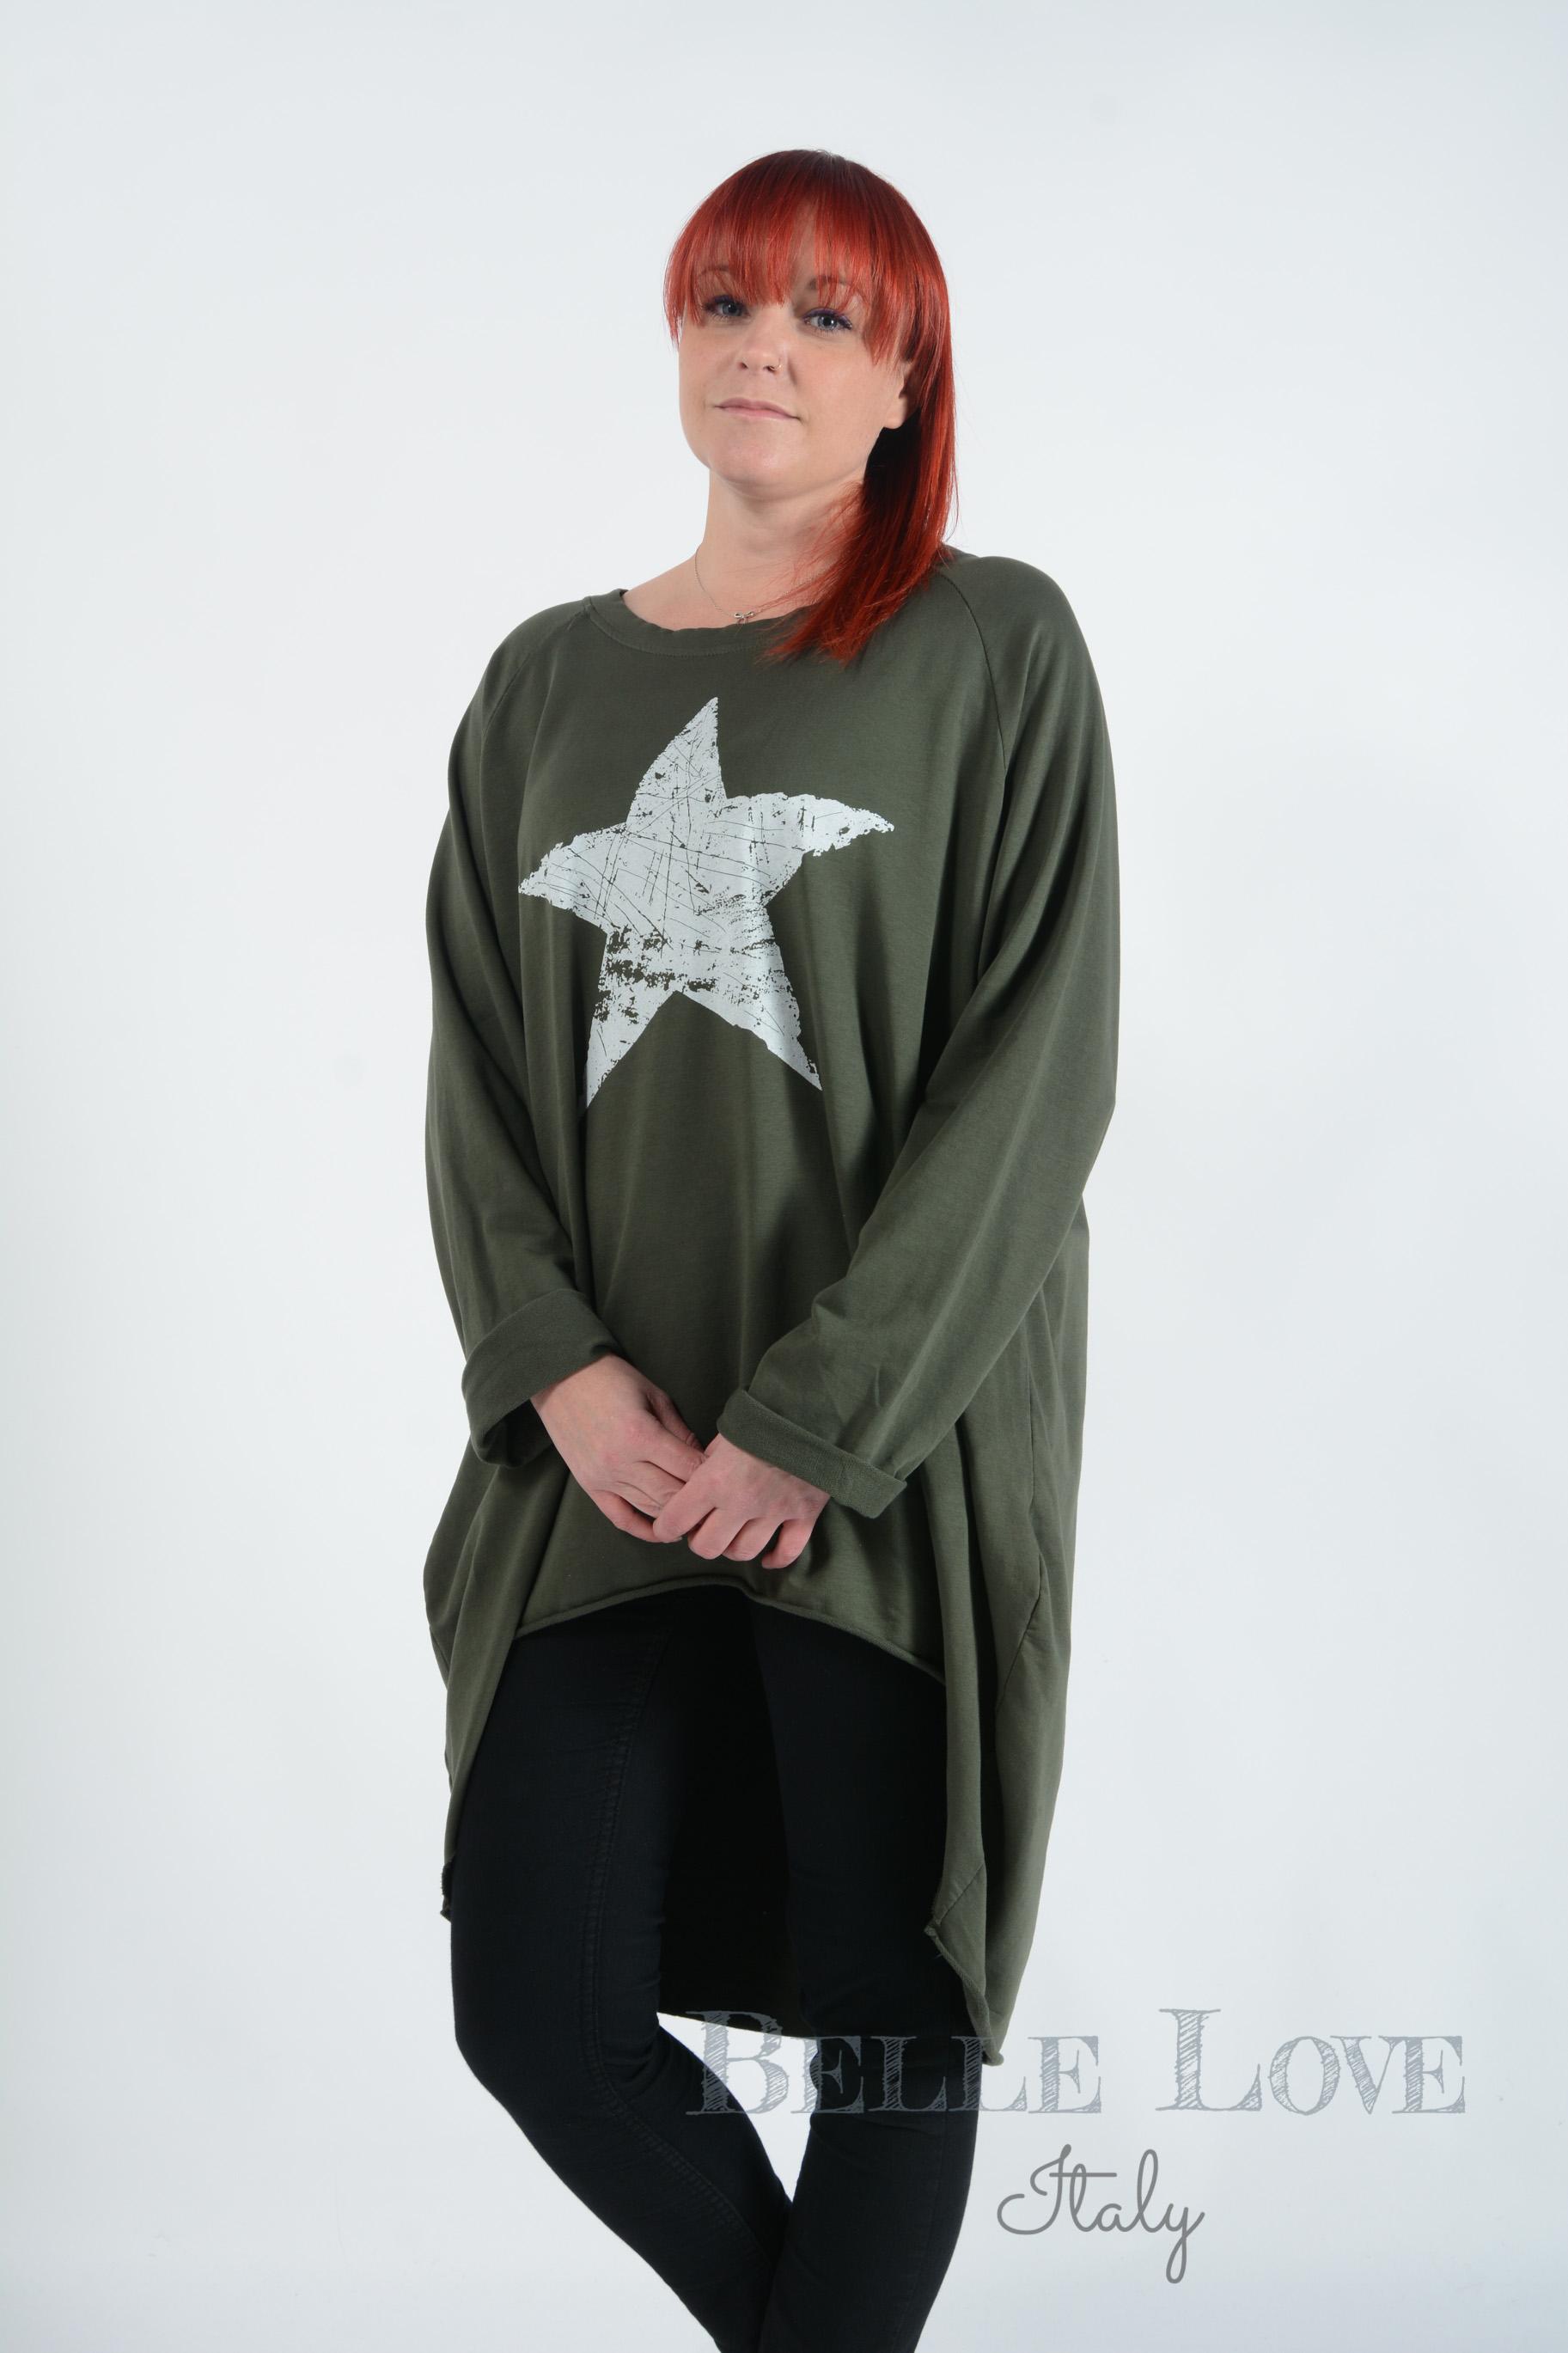 Belle Love Italy Katie Star Sweatshirt for Women